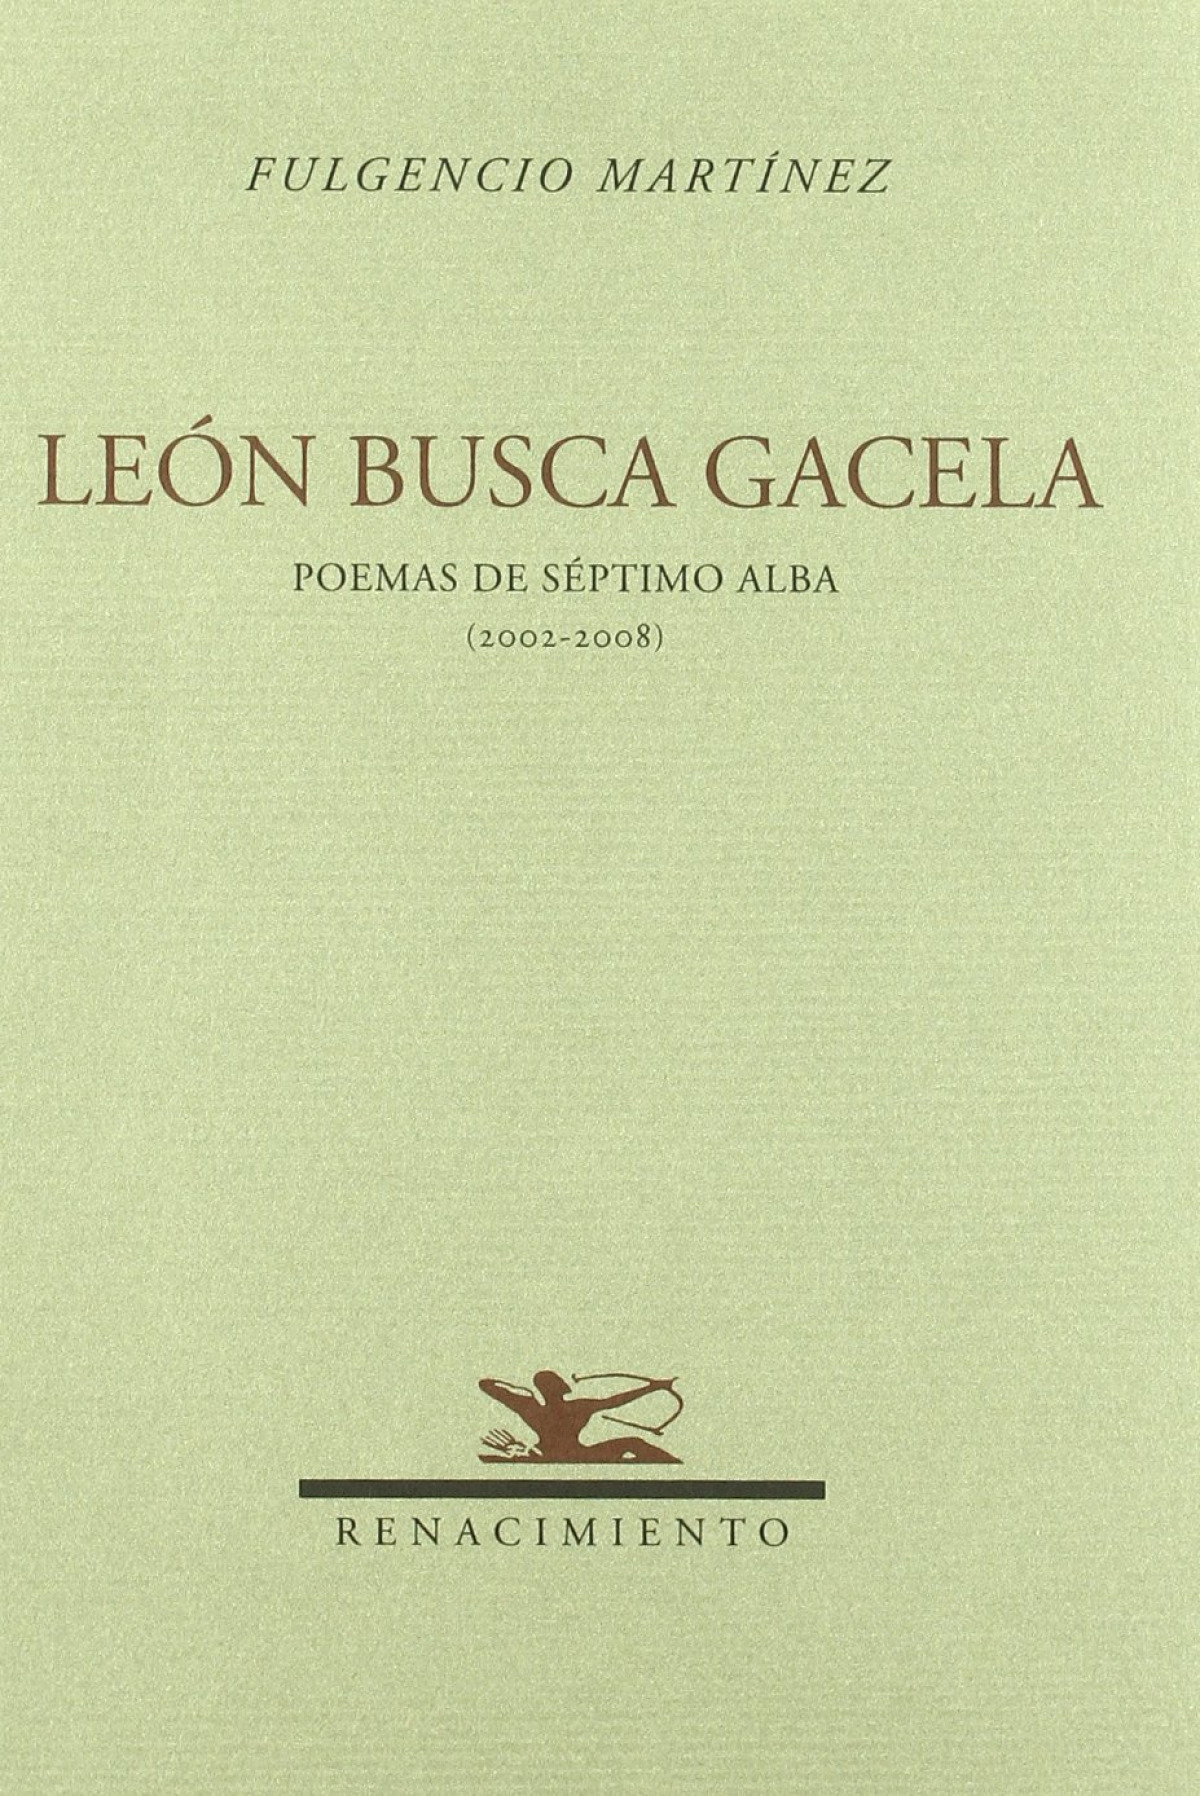 LEóN BUSCA GACELA POEMAS DE SéPTIMO ALBA (2002-2008)